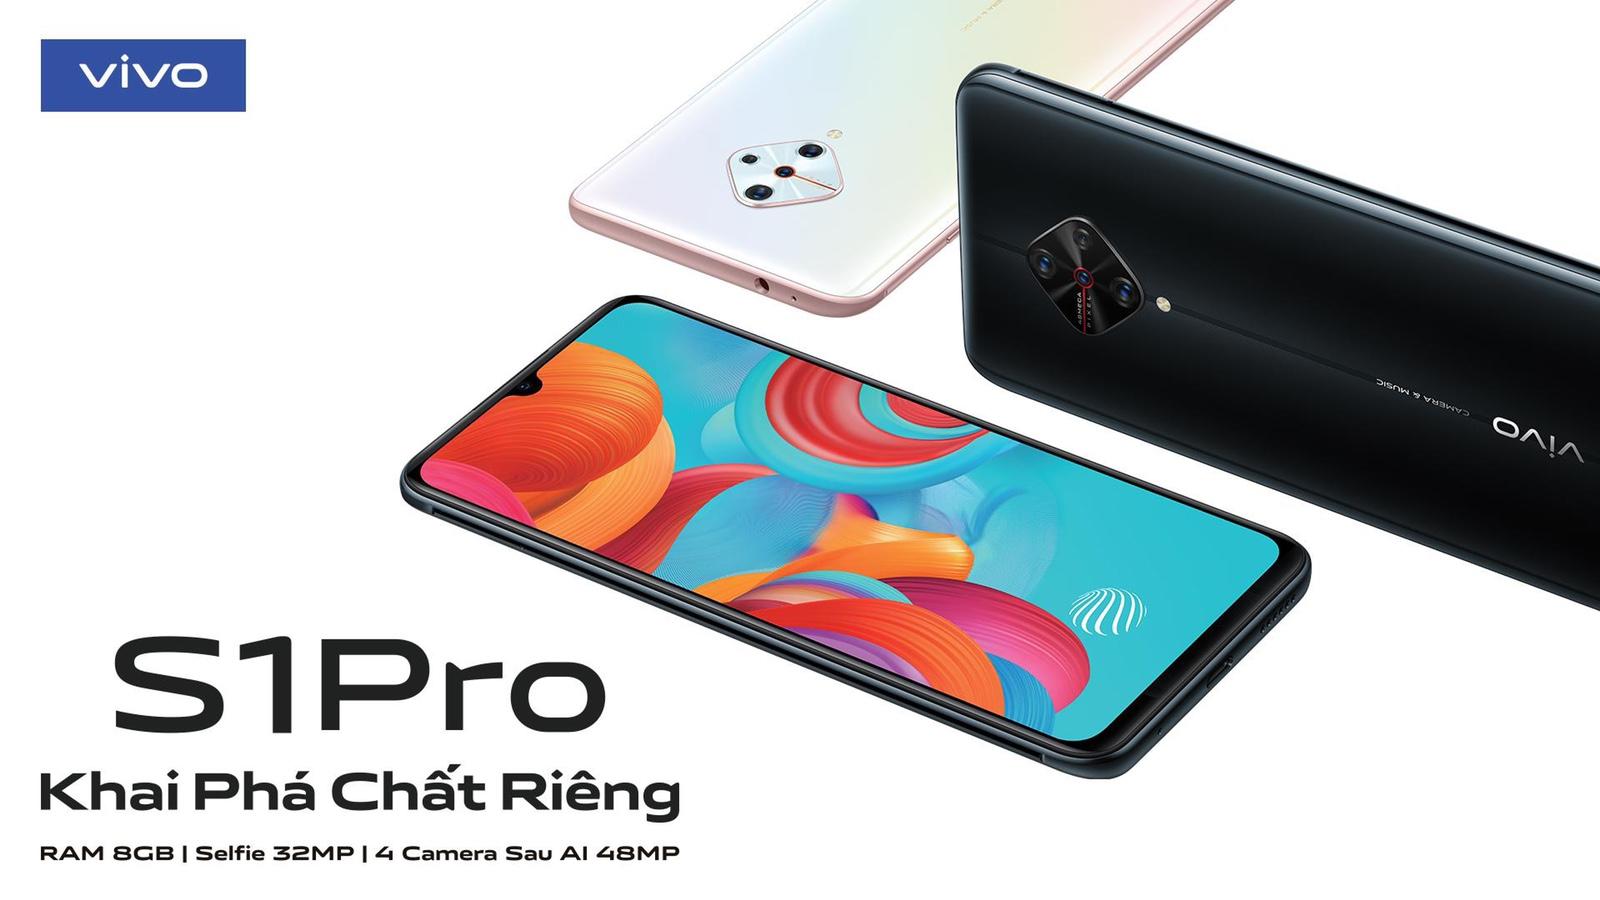 """Vivo S1 Pro đồng hành cùng người dùng trẻ """"Khai phá chất riêng"""